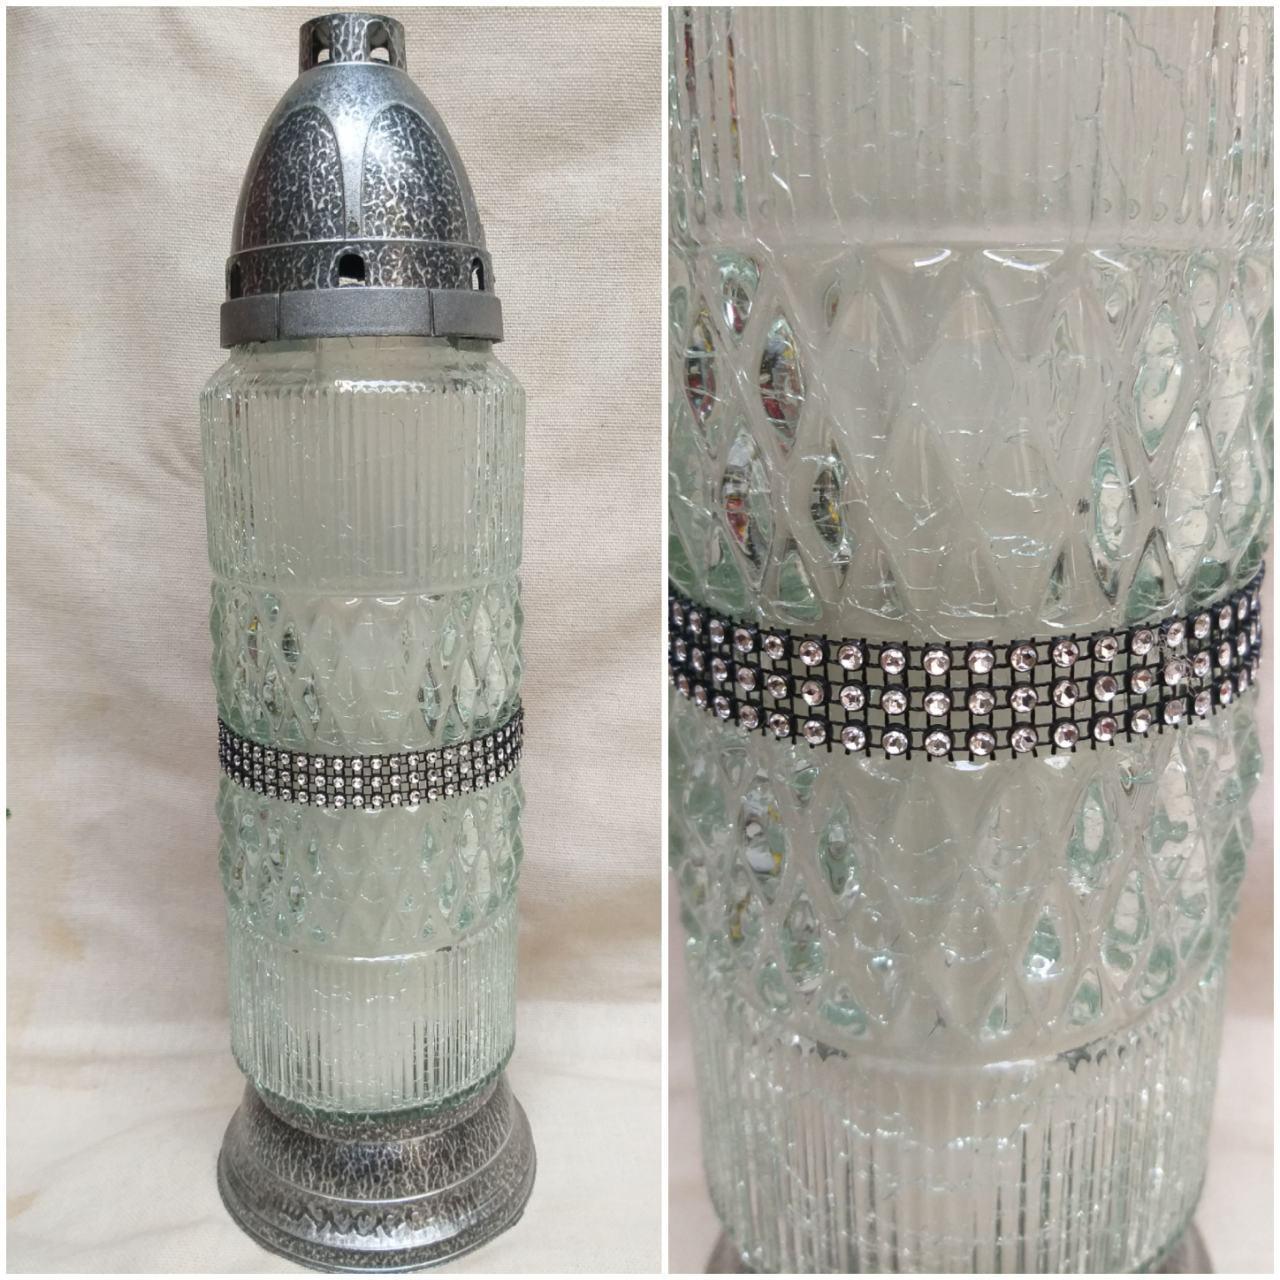 Стильна лампадка, скло та пластик, свічка-вкладка, Польша, вис. 36 см., 280/245 (цена за 1 шт. + 35 гр)